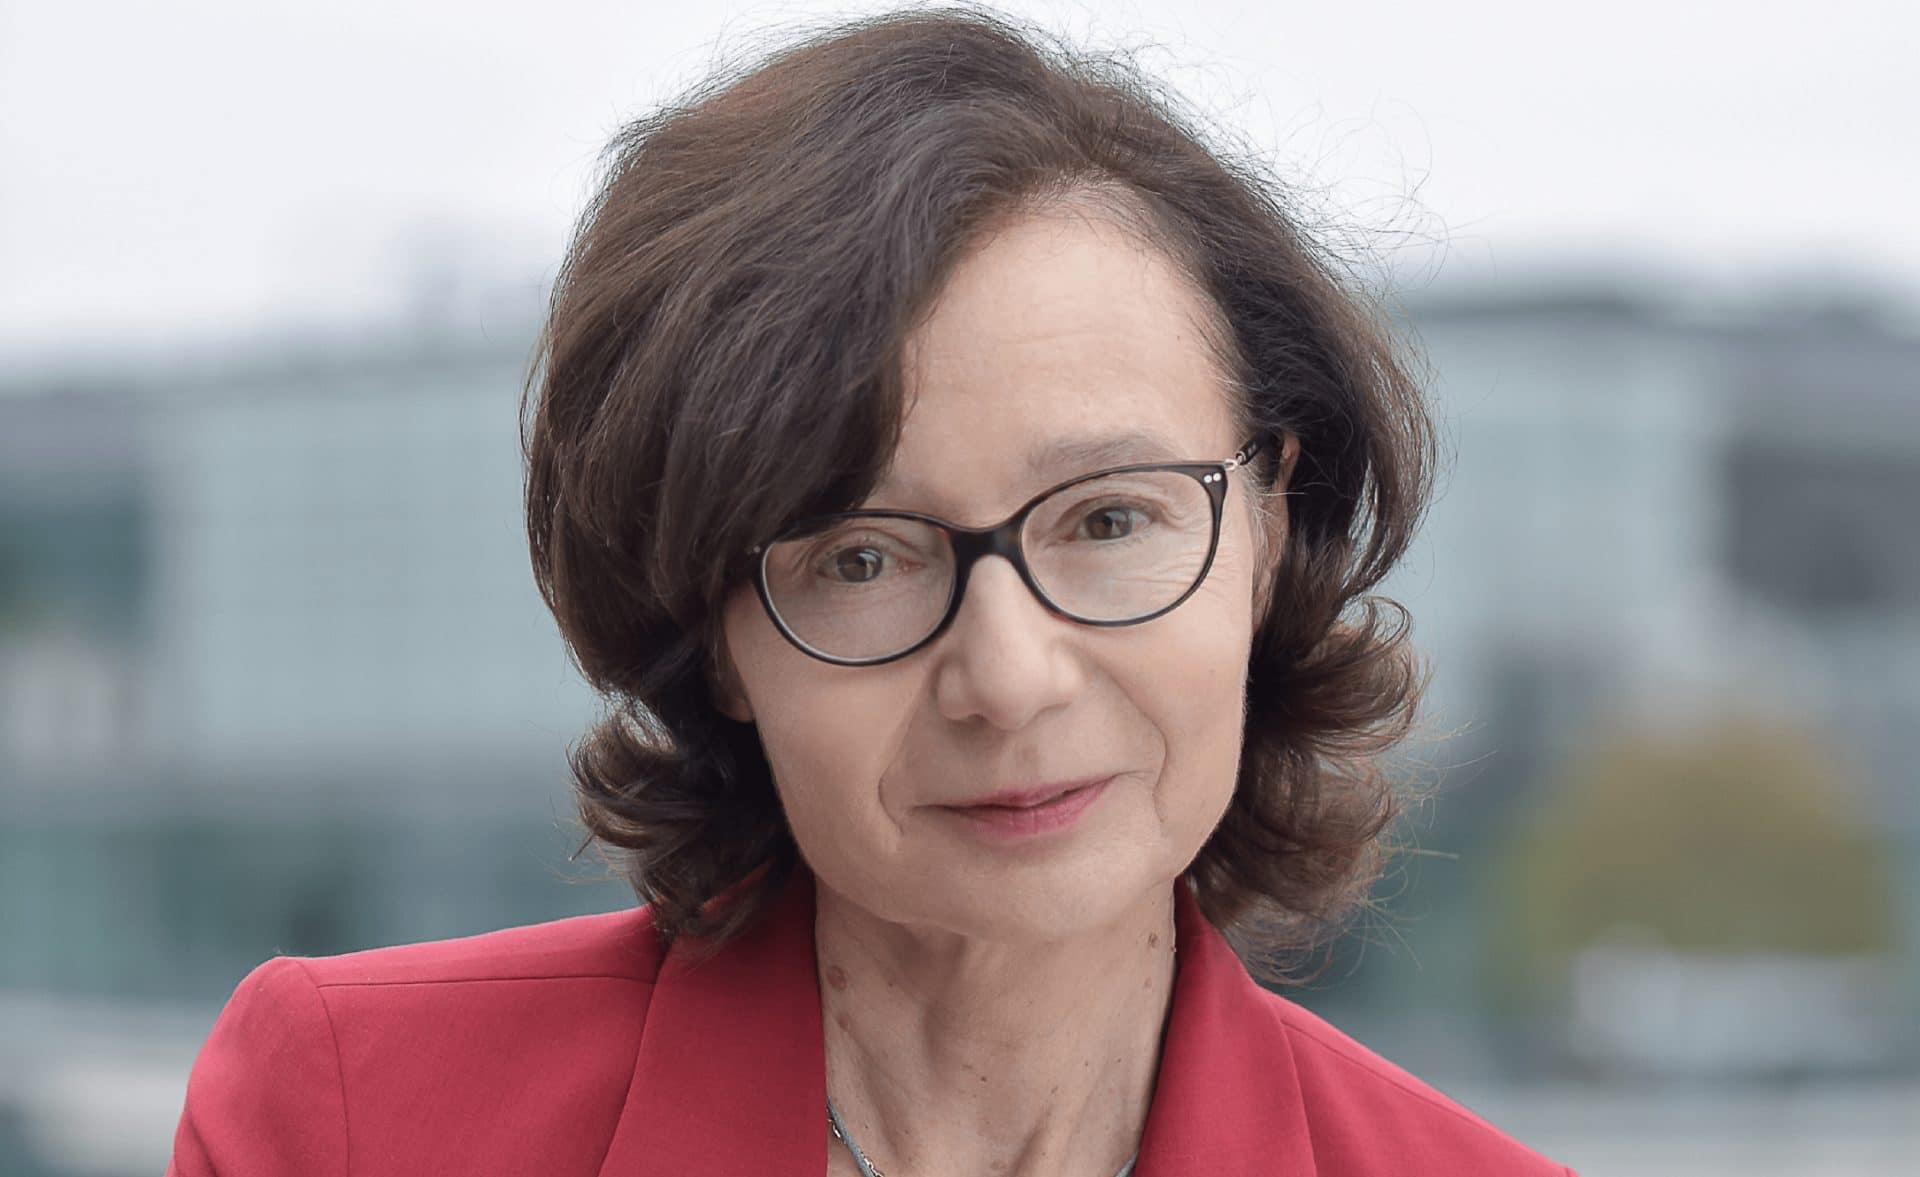 Anne-Sophie Grave désormais présidente du directoire de CDC Habitat. Un nouveau directoire nommé.